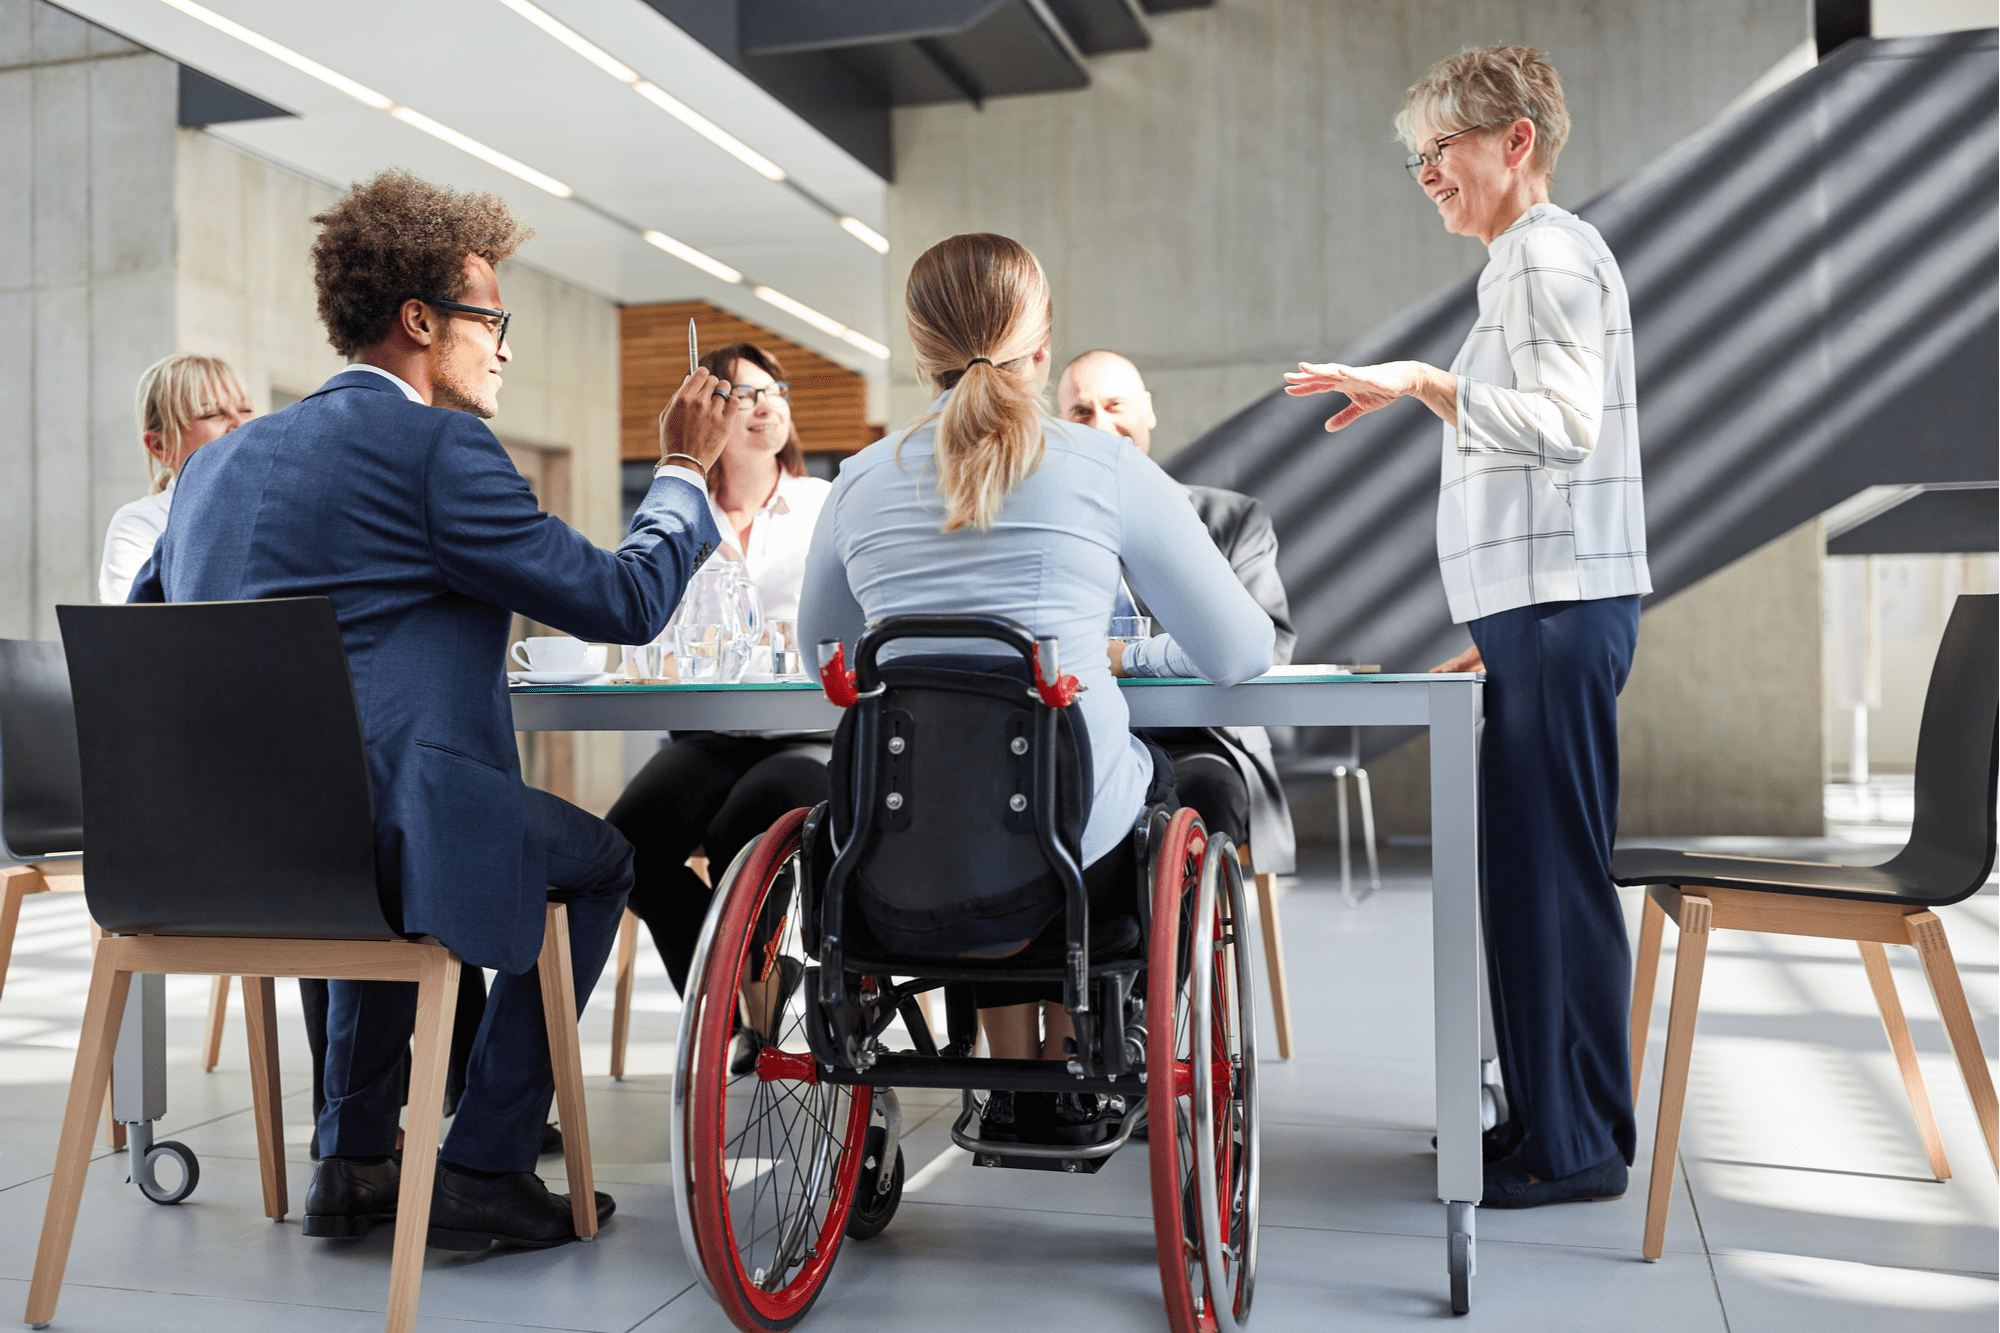 apprentissage ; alternance ; formation ; CFA ; Cerfal ; UFA ; Formation rémunérée, travailleur handicapé, parcours professionnel, apprenti parent, personne en situation de handicap